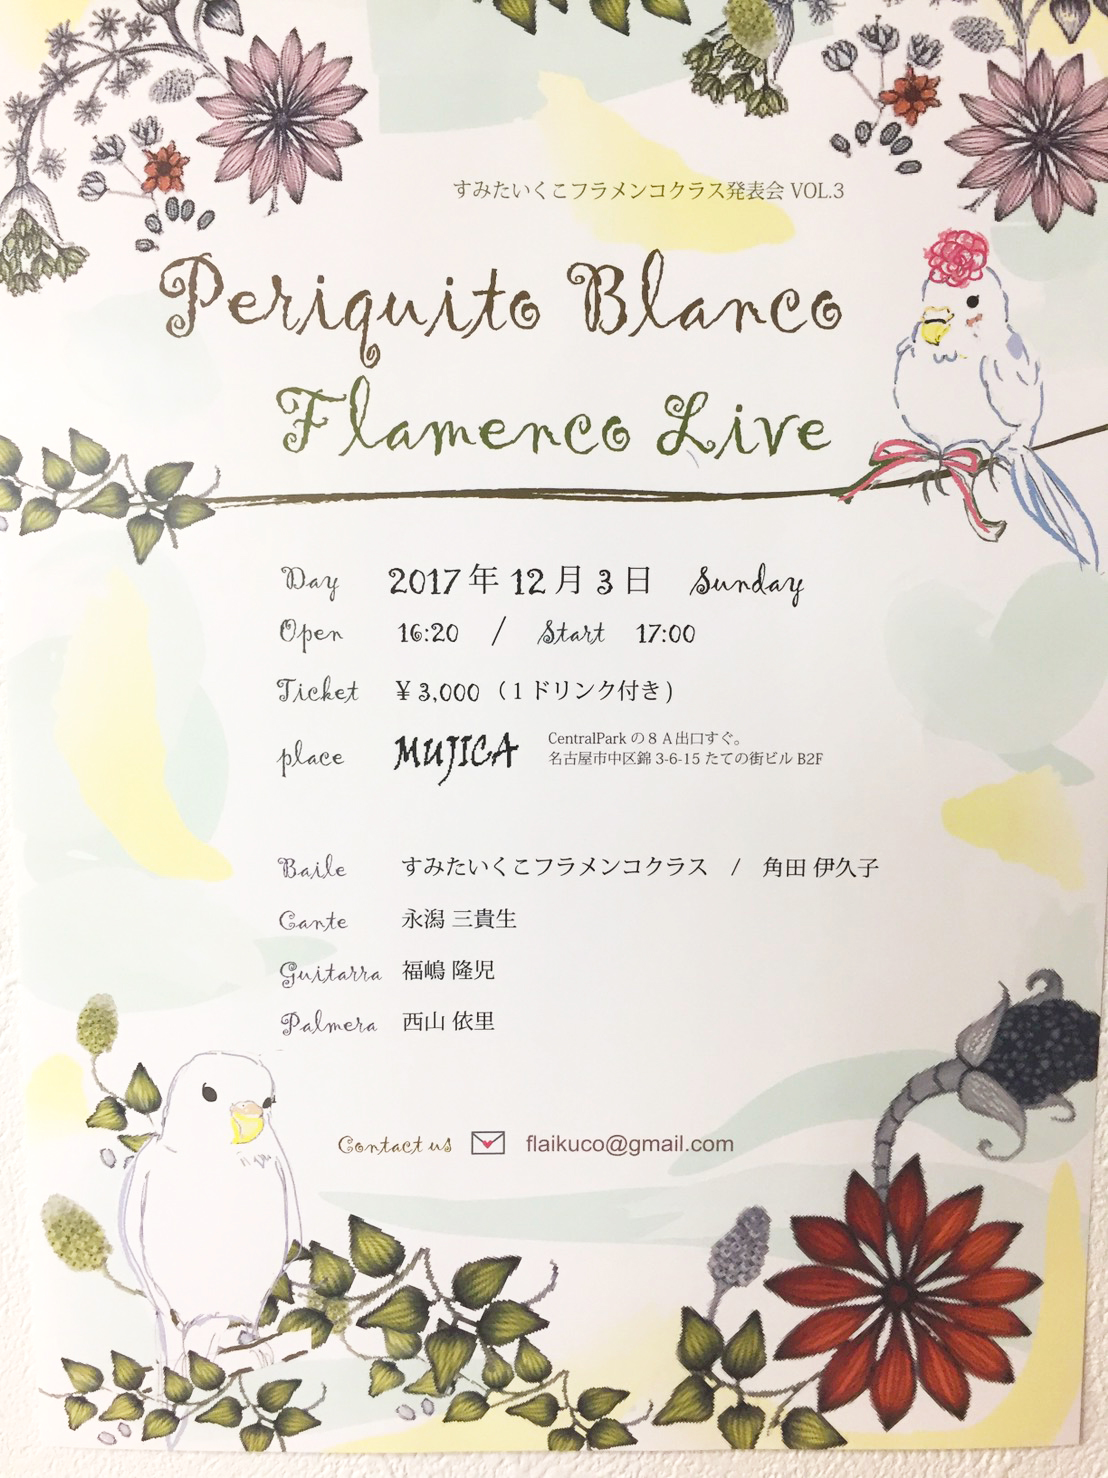 すみたいくこフラメンコクラス発表会  (2017/12/3)